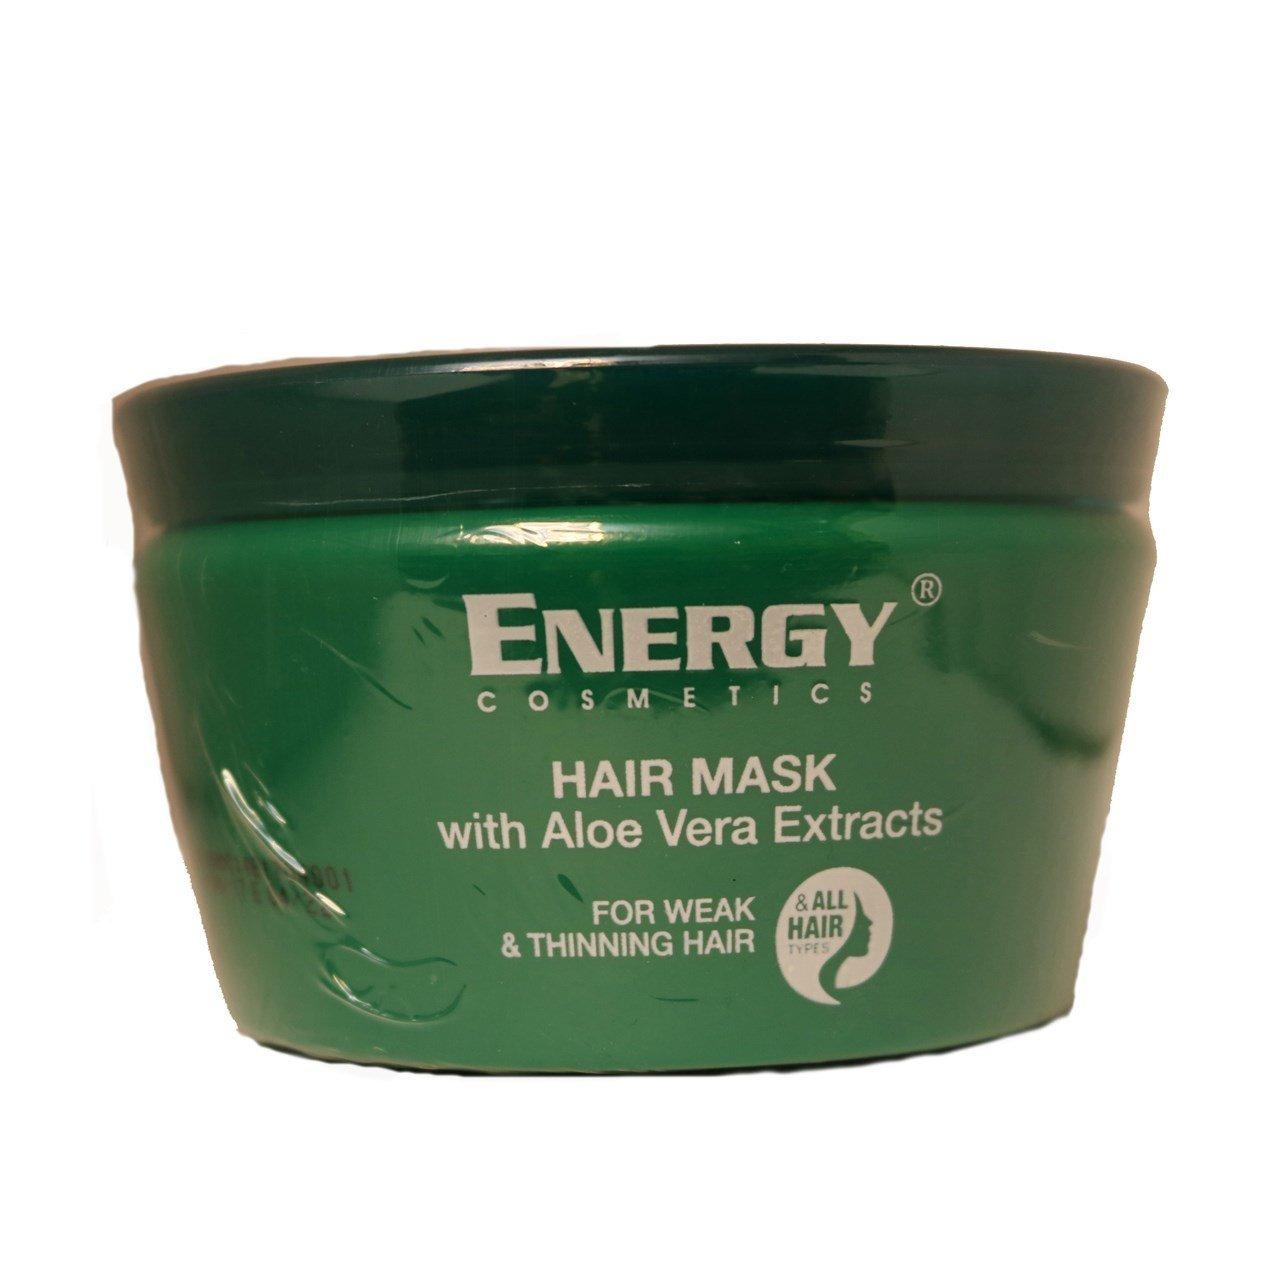 ماسک موی آلوورا انرژی 500 میلی لیتر